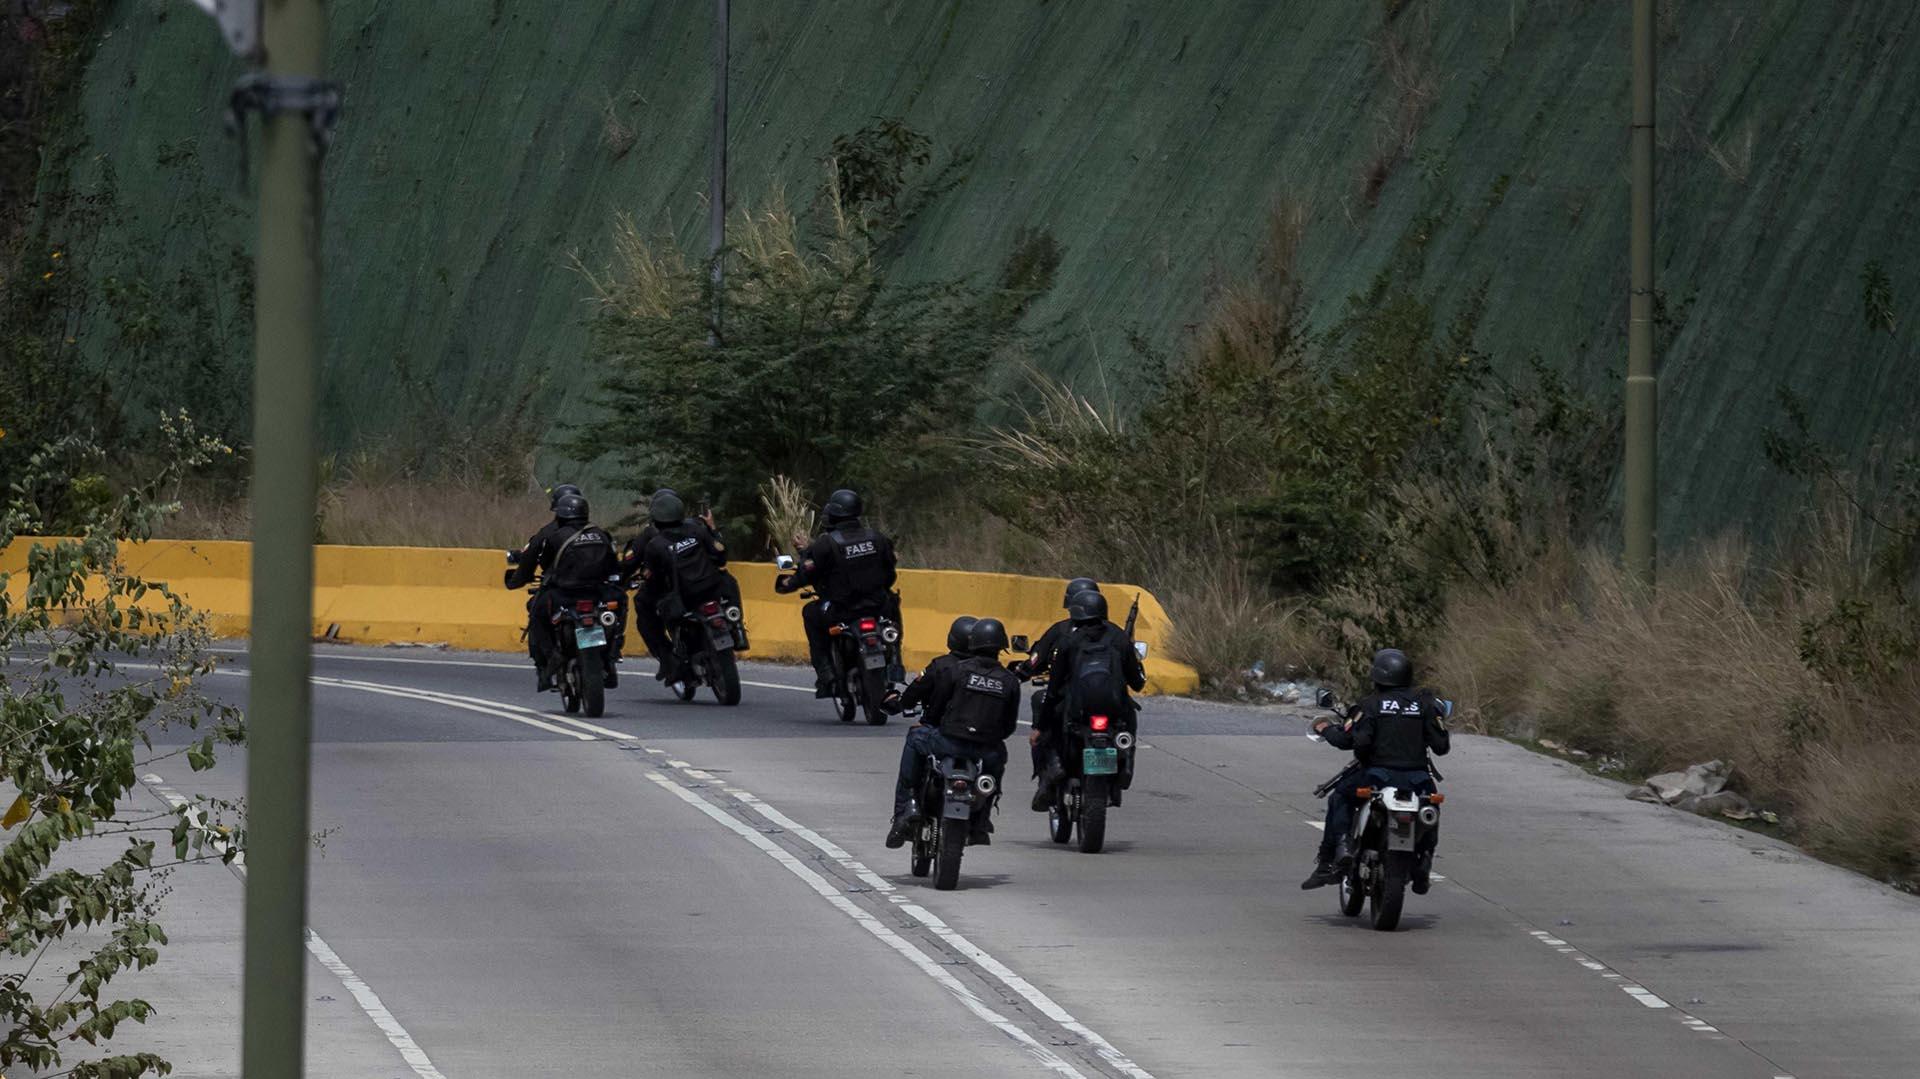 Agentes de las Fuerzas Armadas Bolivarianas cruzan en motocicletas hacia el lugar donde se realiza una operación contra el grupo liderado por el policía Óscar Pérez